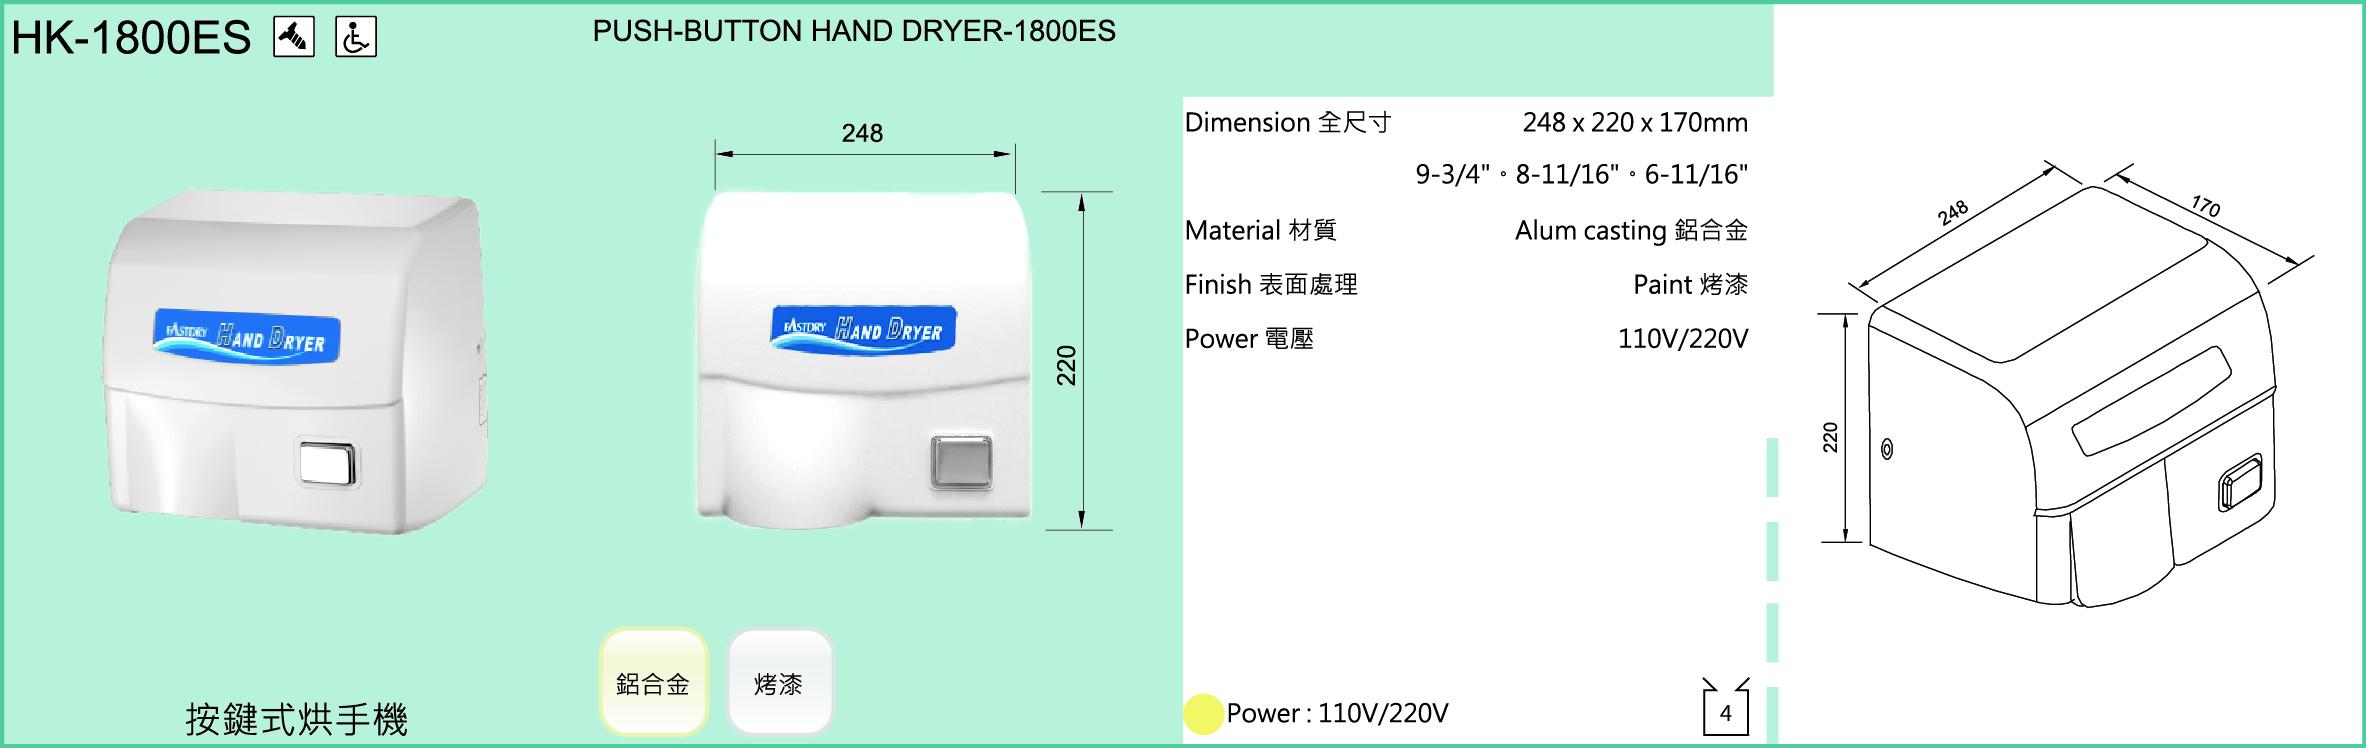 HK-1800ES.jpg